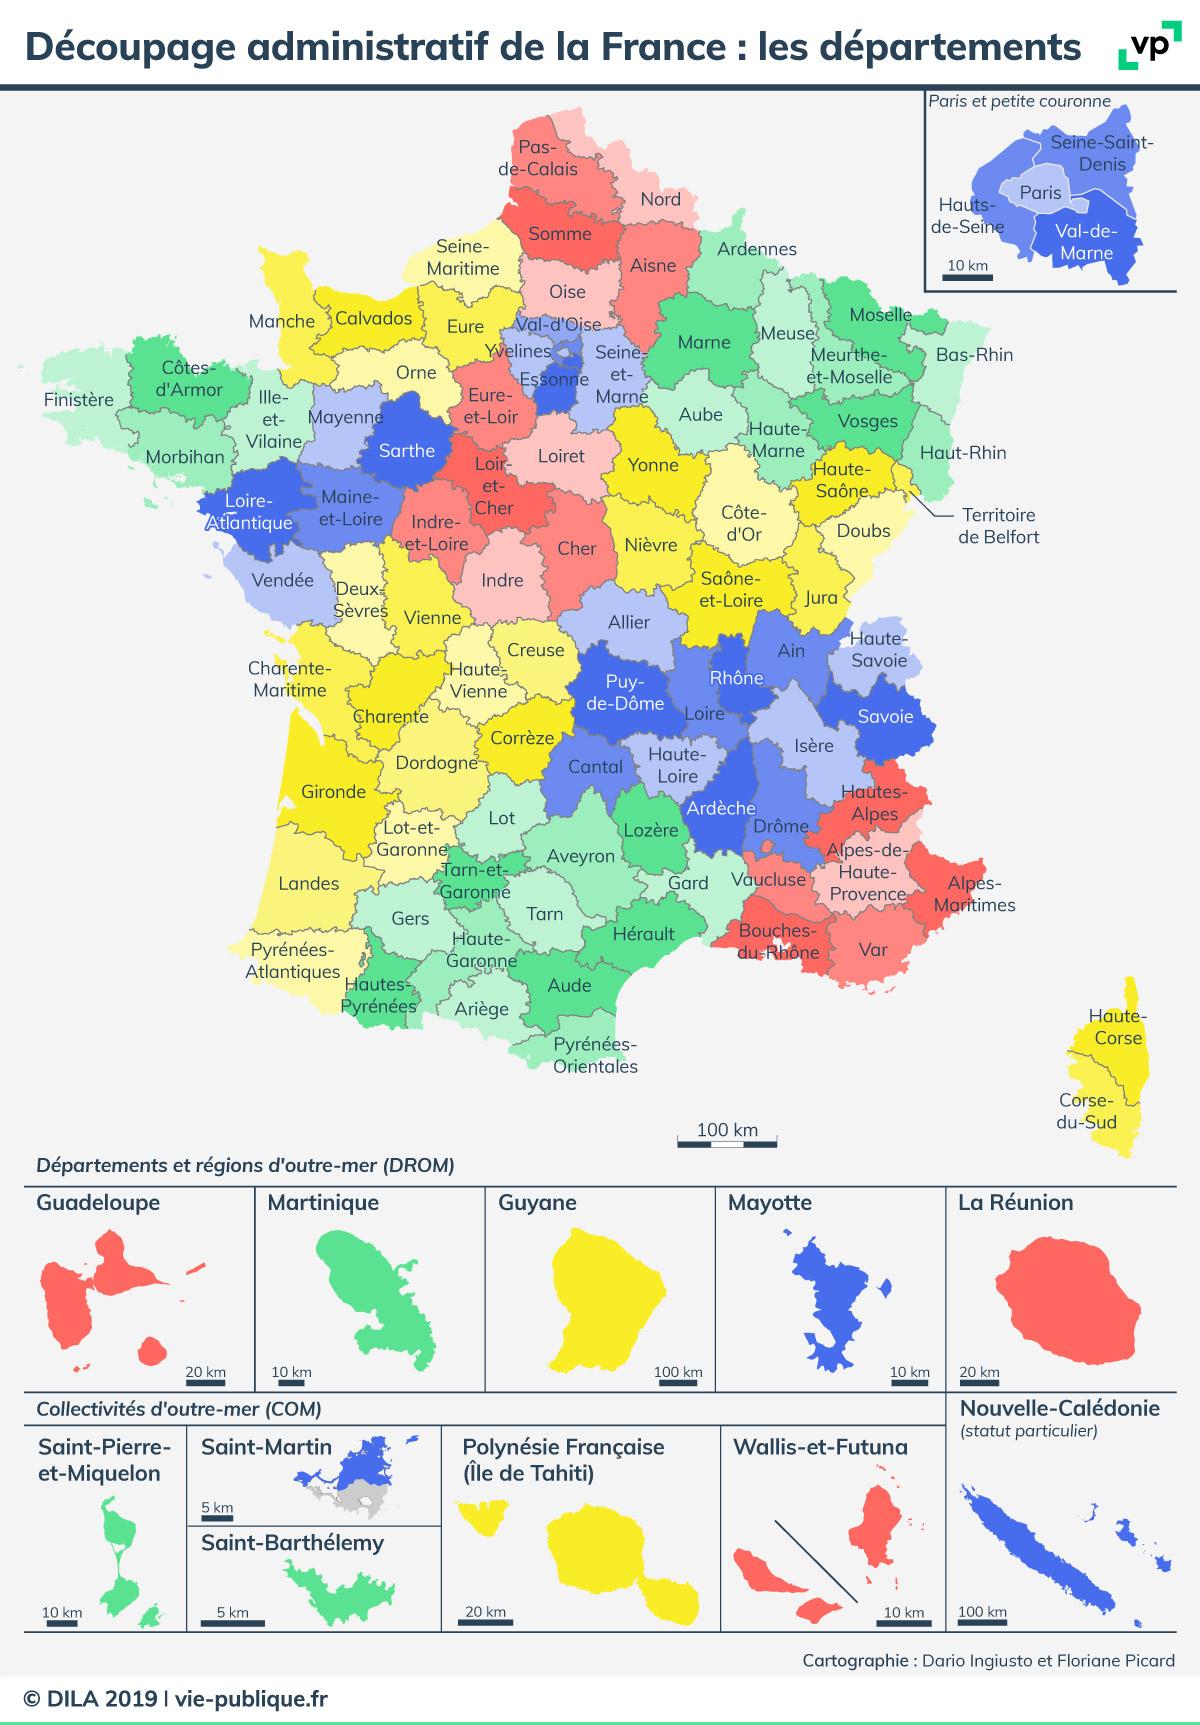 Découpage Administratif De La France : Les Départements intérieur Liste Des Régions De France